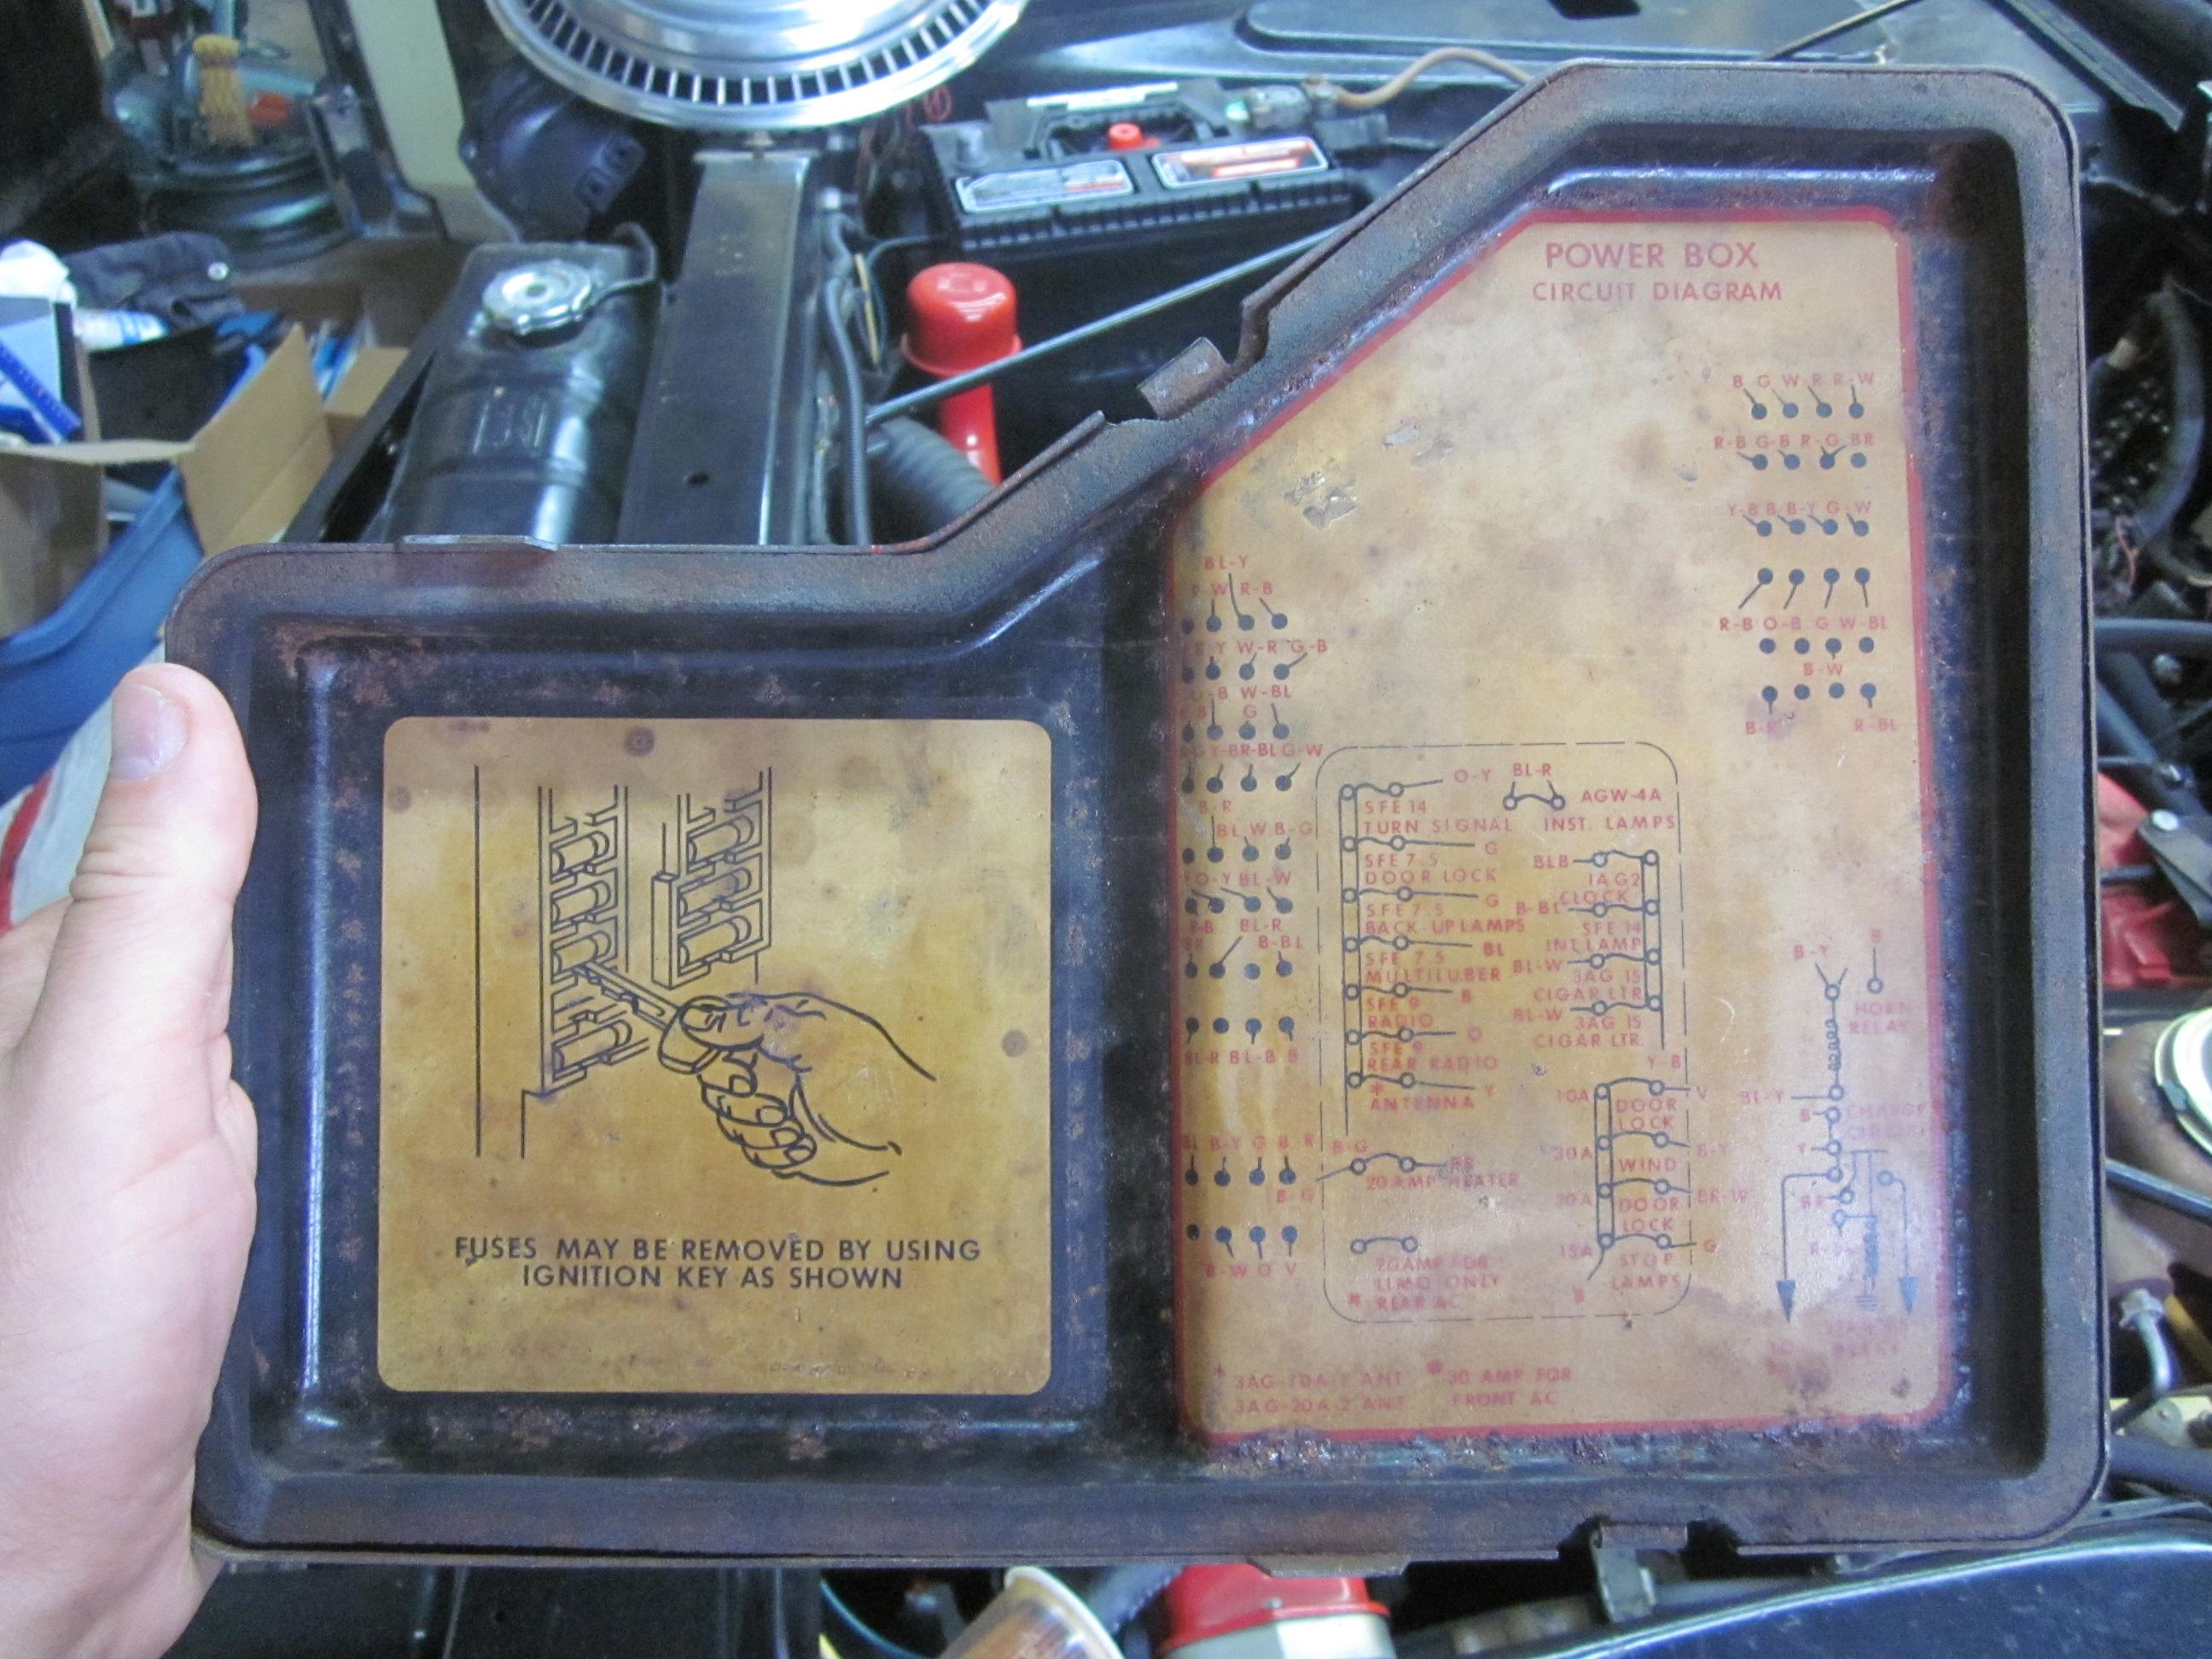 1967 lincoln fuse box wiring diagram technic 1967 lincoln fuse box location 1967 lincoln fuse box [ 2592 x 1944 Pixel ]